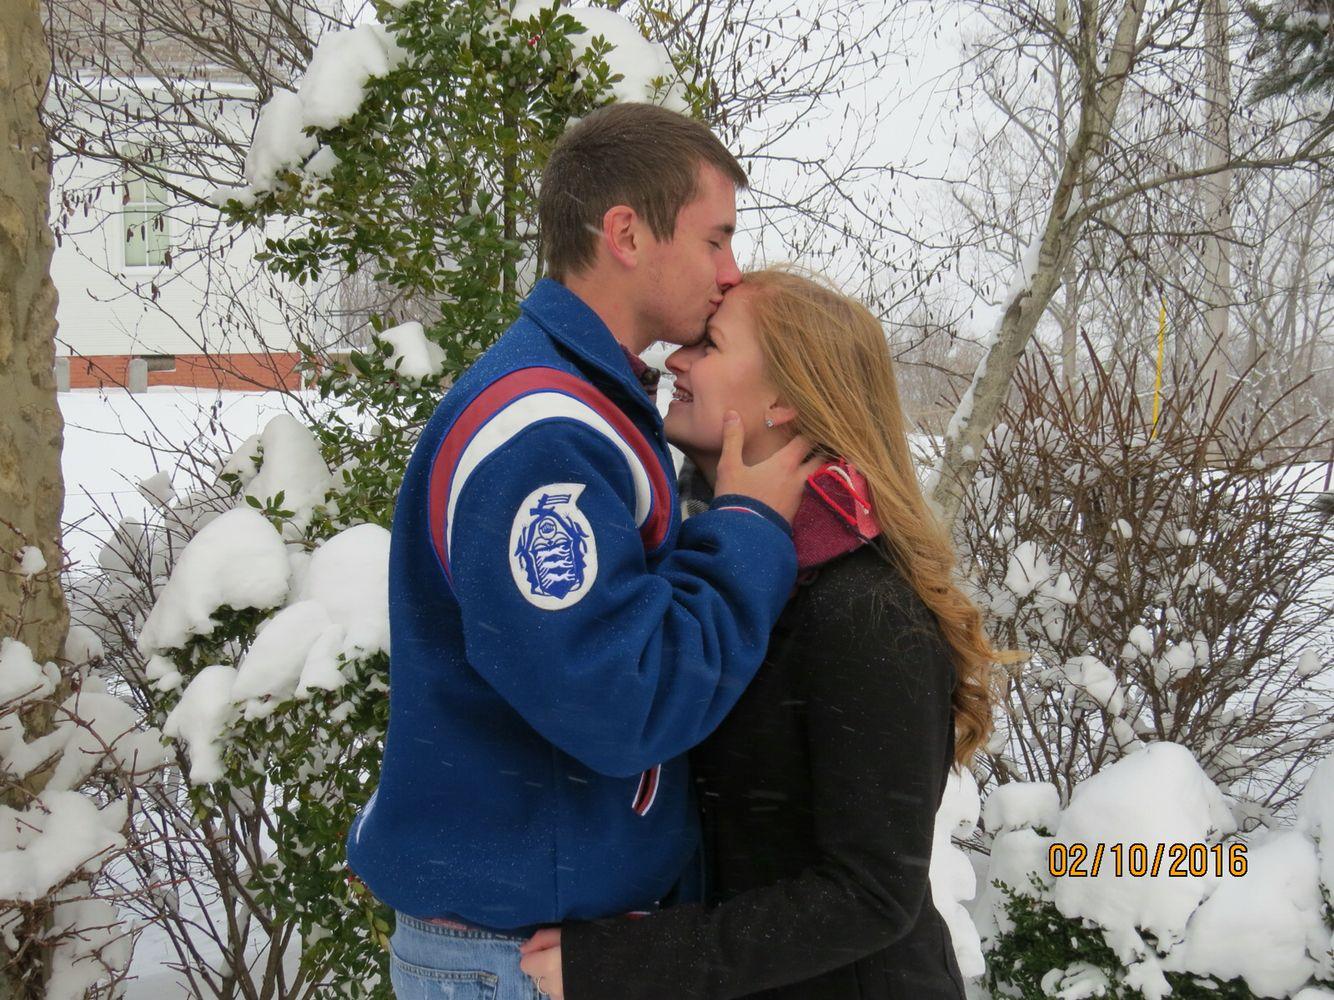 #winterpictures #love